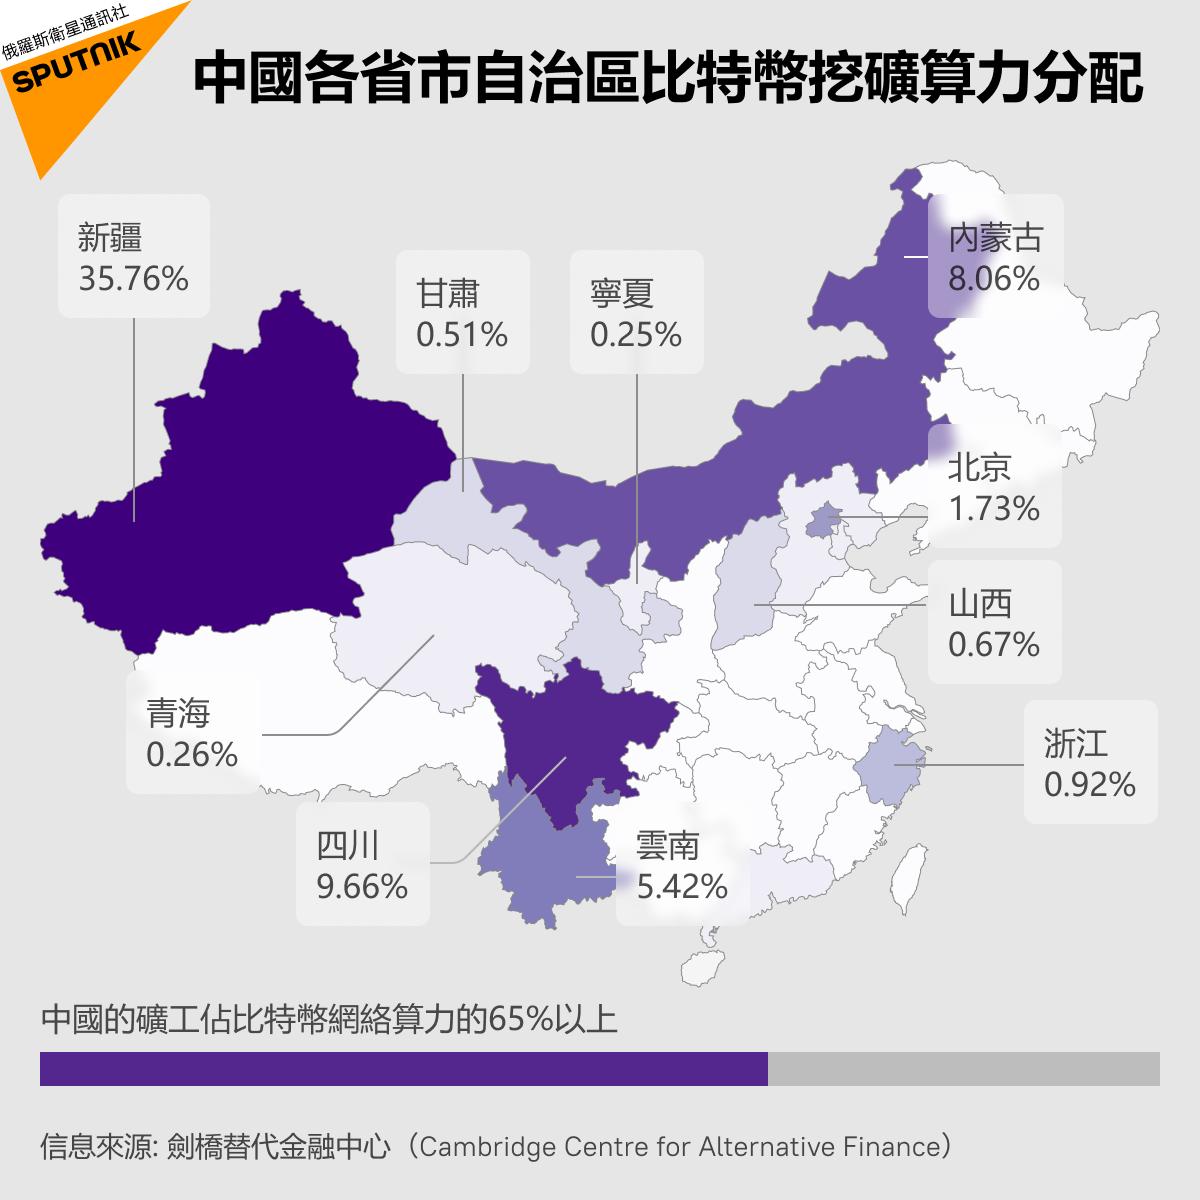 中國各省市自治區比特幣挖礦能力